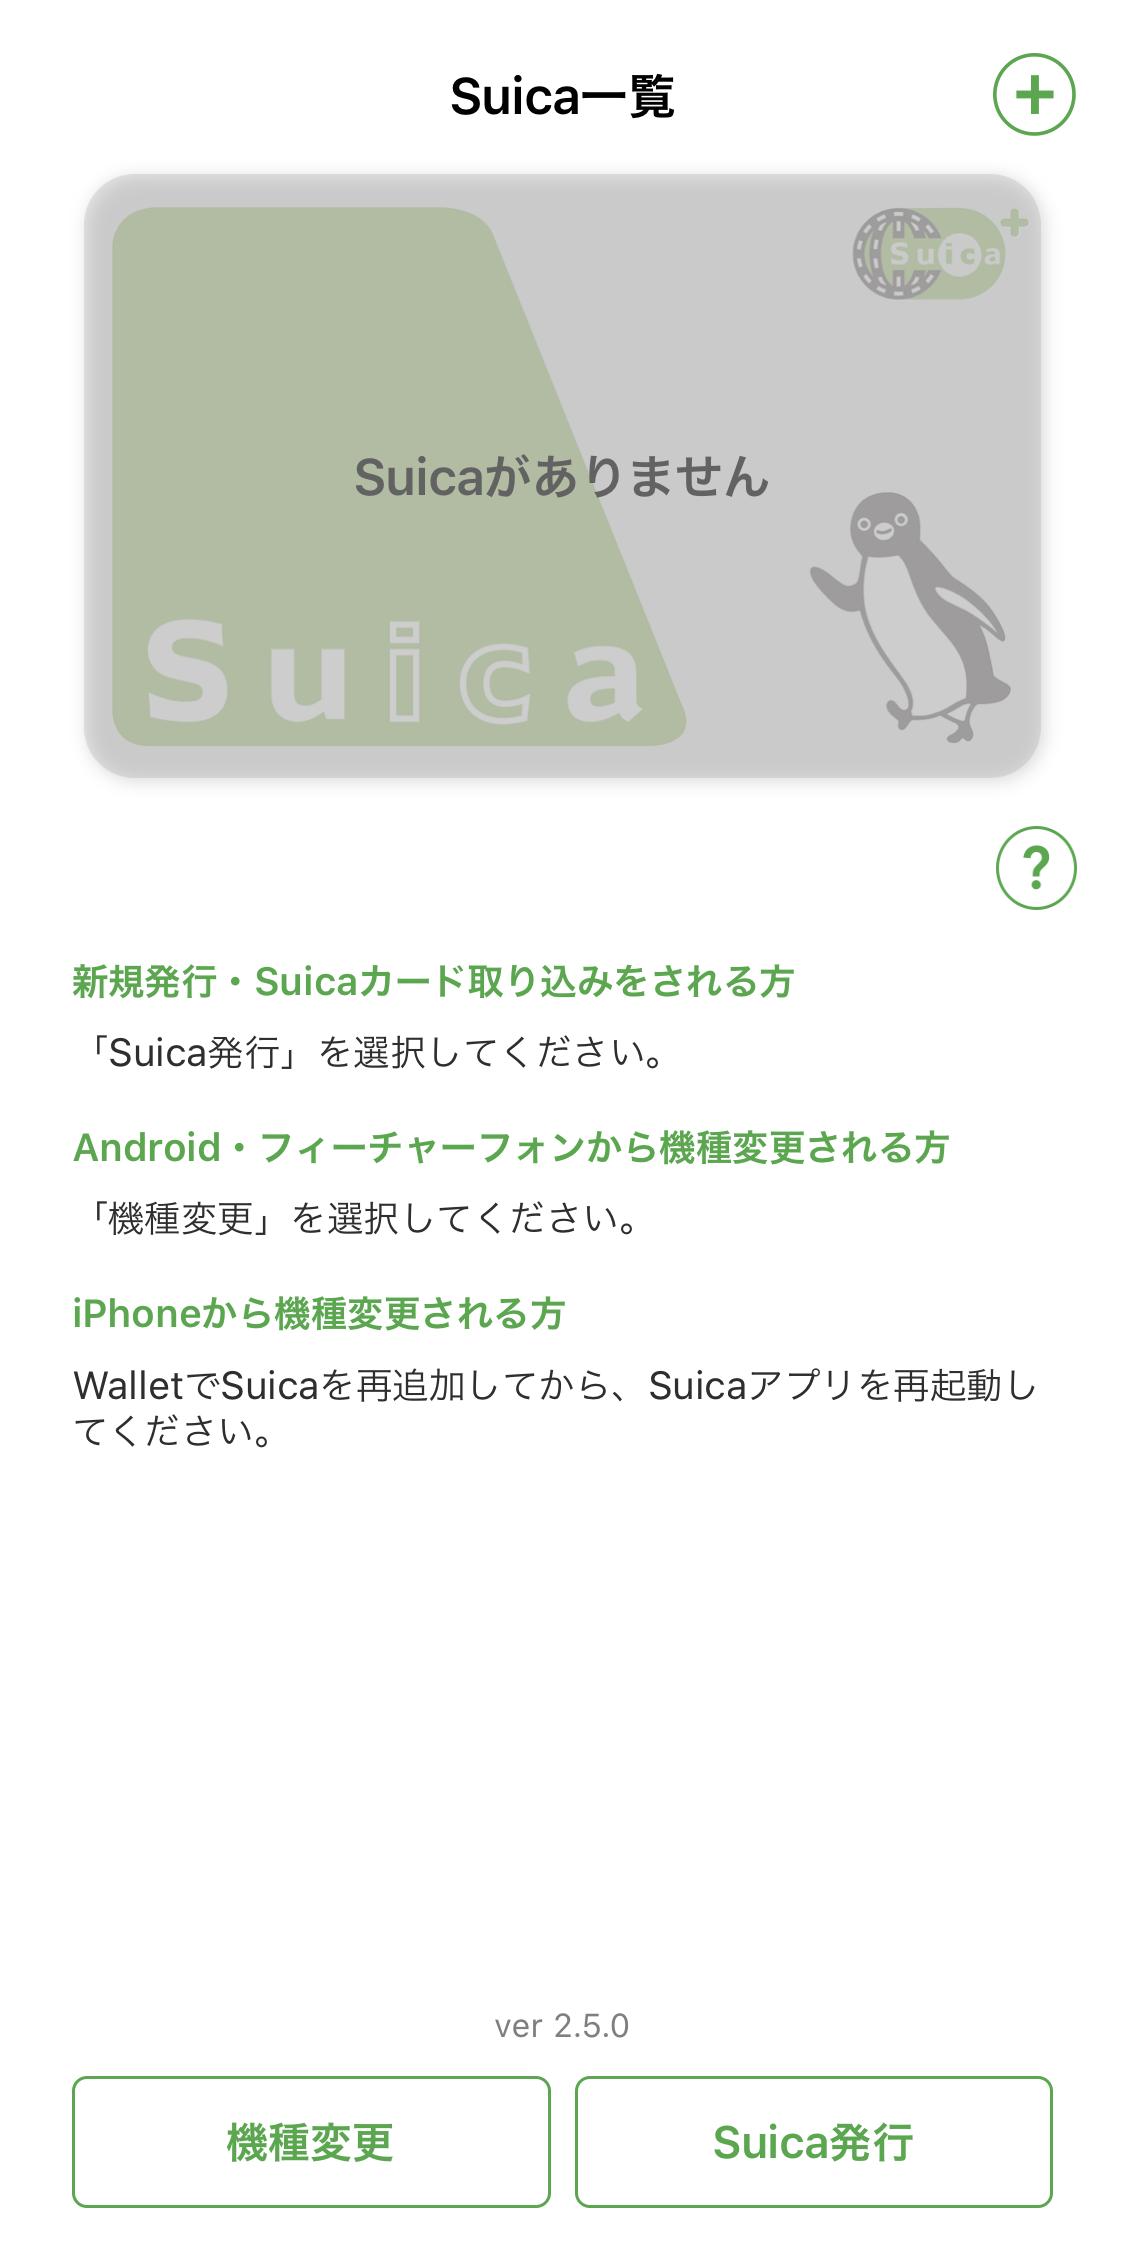 帰省にも便利! iPhoneで「モバイルSuica」を使う3つのメリット